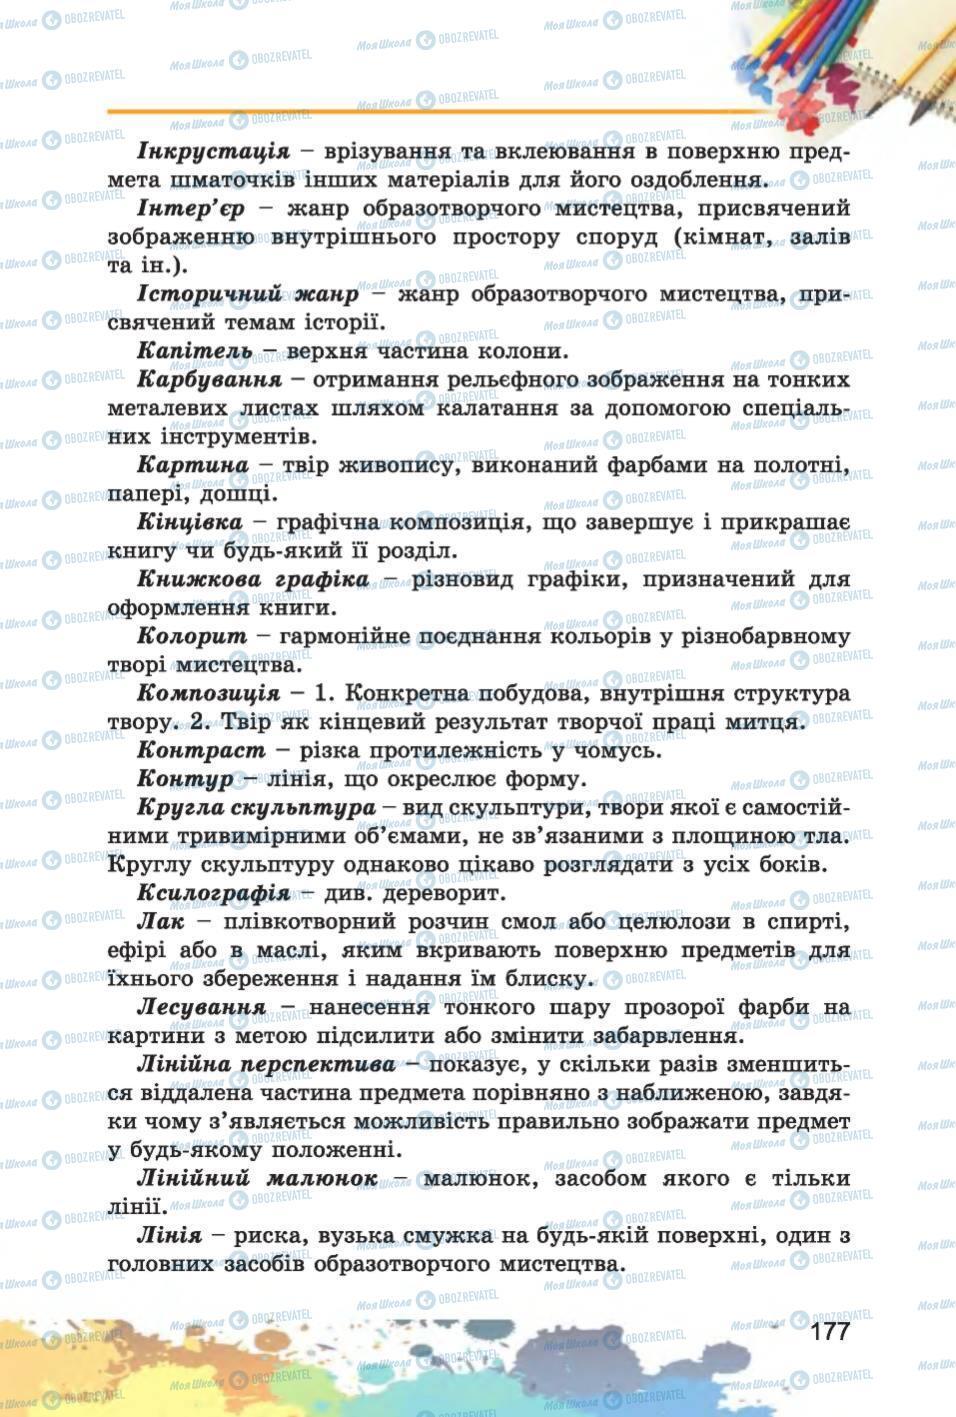 Підручники Образотворче мистецтво 6 клас сторінка 177